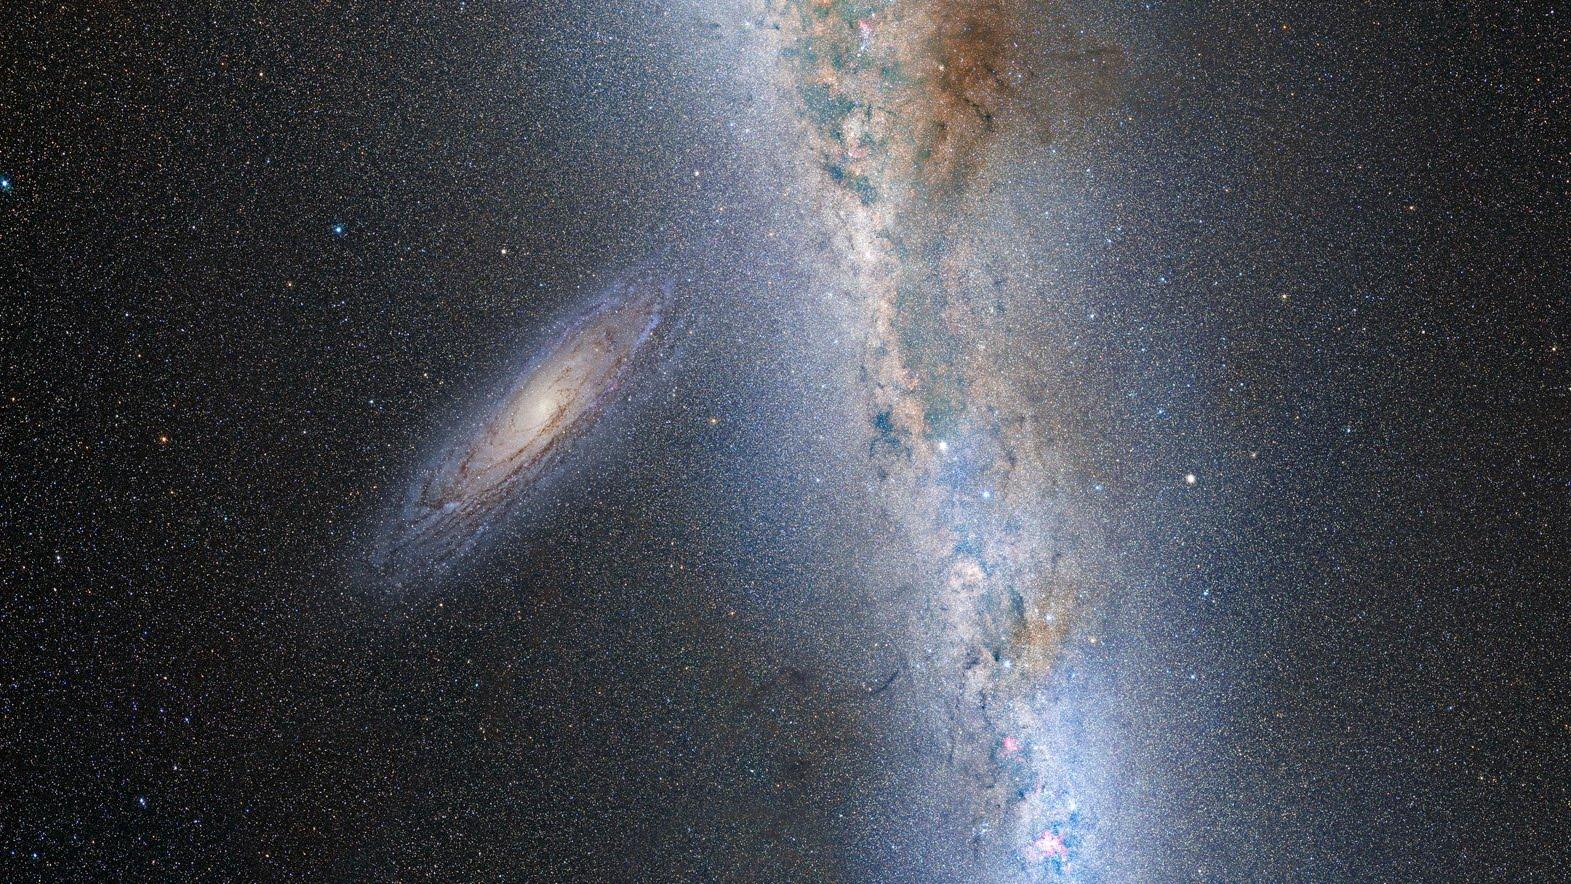 Роскосмос: вот так будет выглядеть столкновение галактик